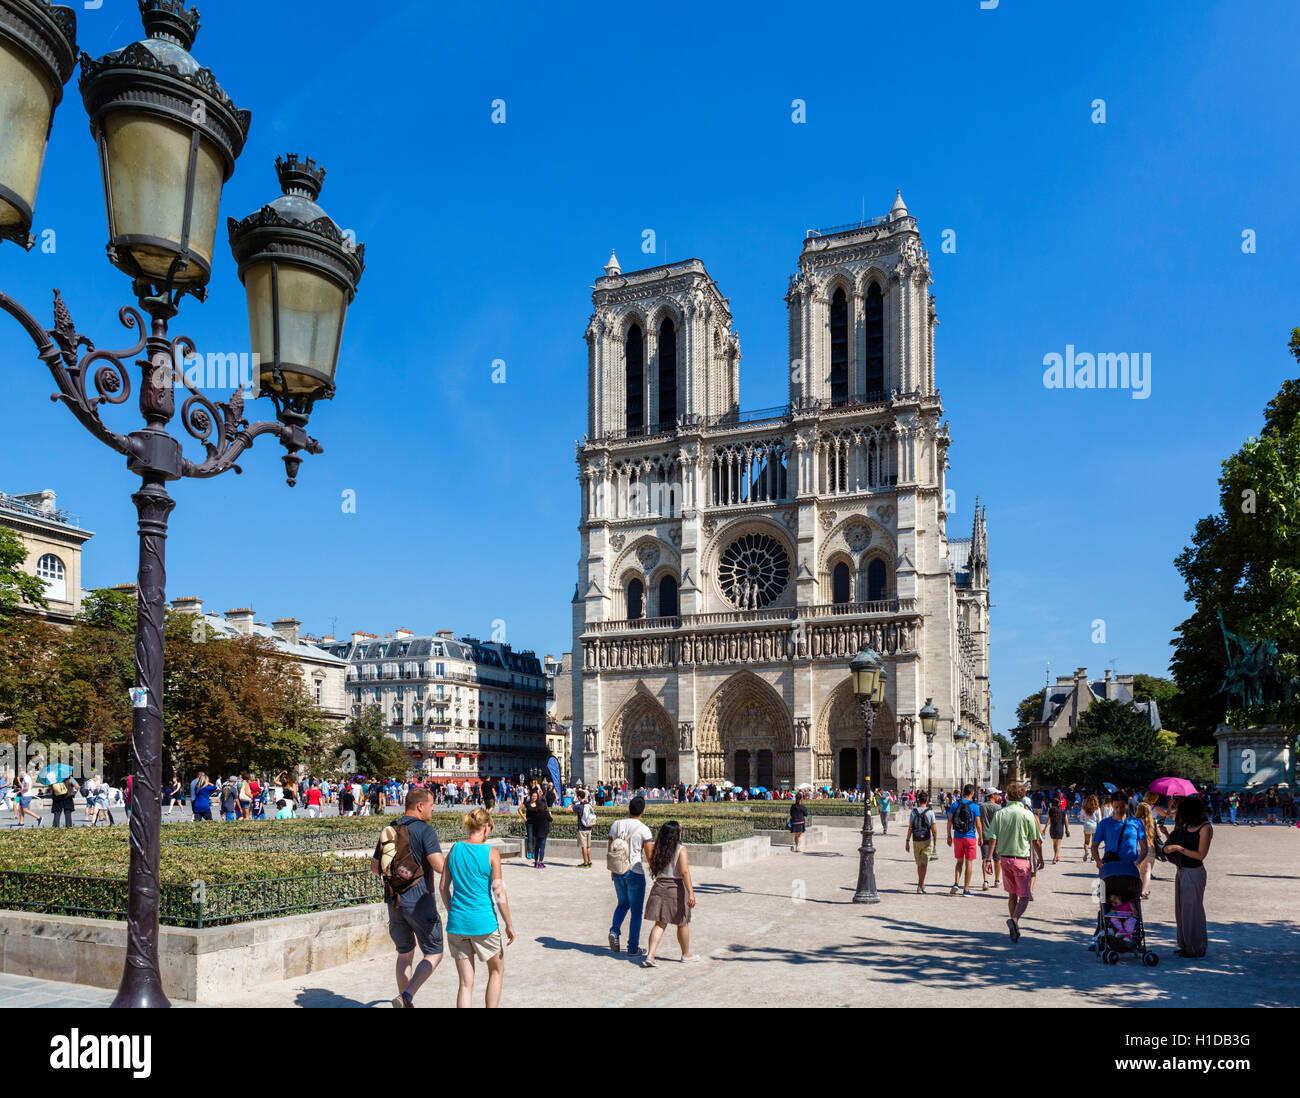 Notre Dame, Paris. West Front of Notre-Dame Cathedral (Notre-Dame de Paris), Île de la Cité, Paris, France - Stock Image